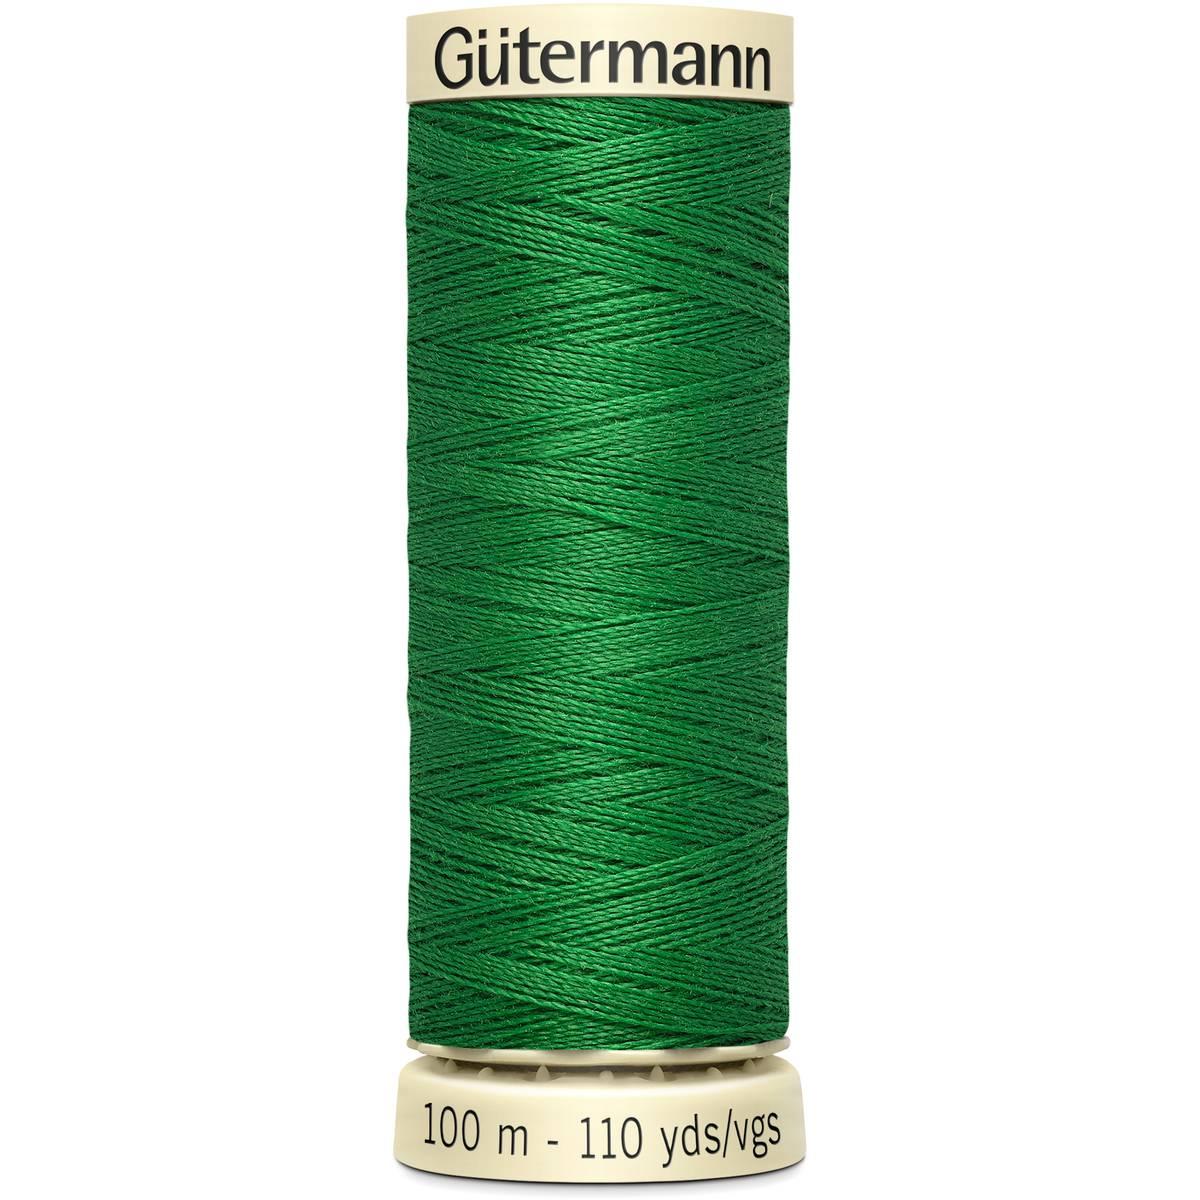 חוט תפירה גוטרמן - Green 396